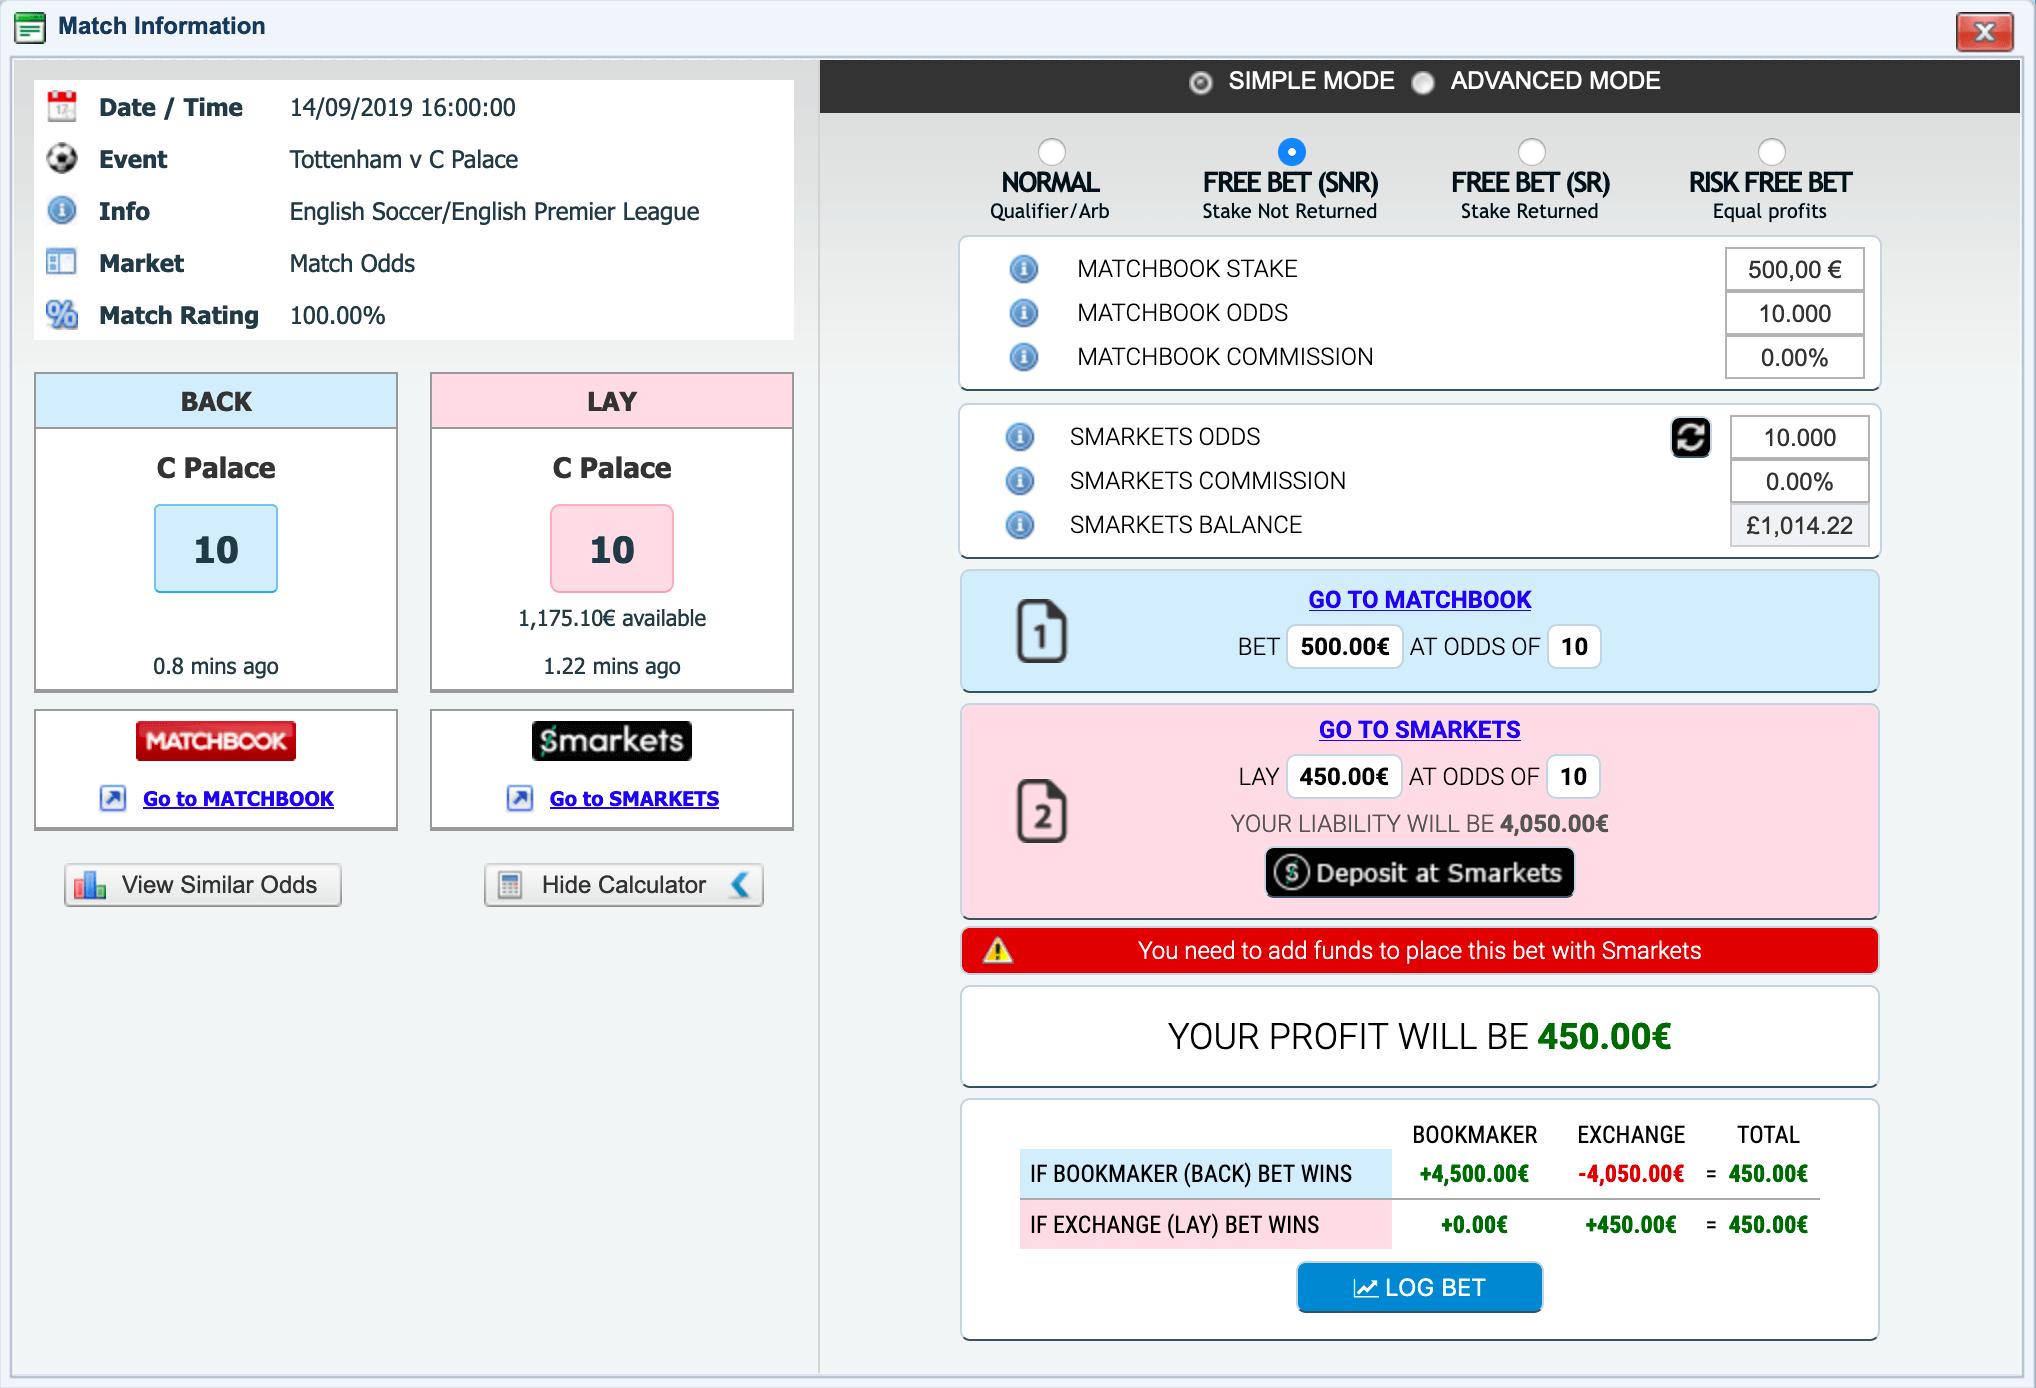 OddsmonkeycalcSNRHigh odds